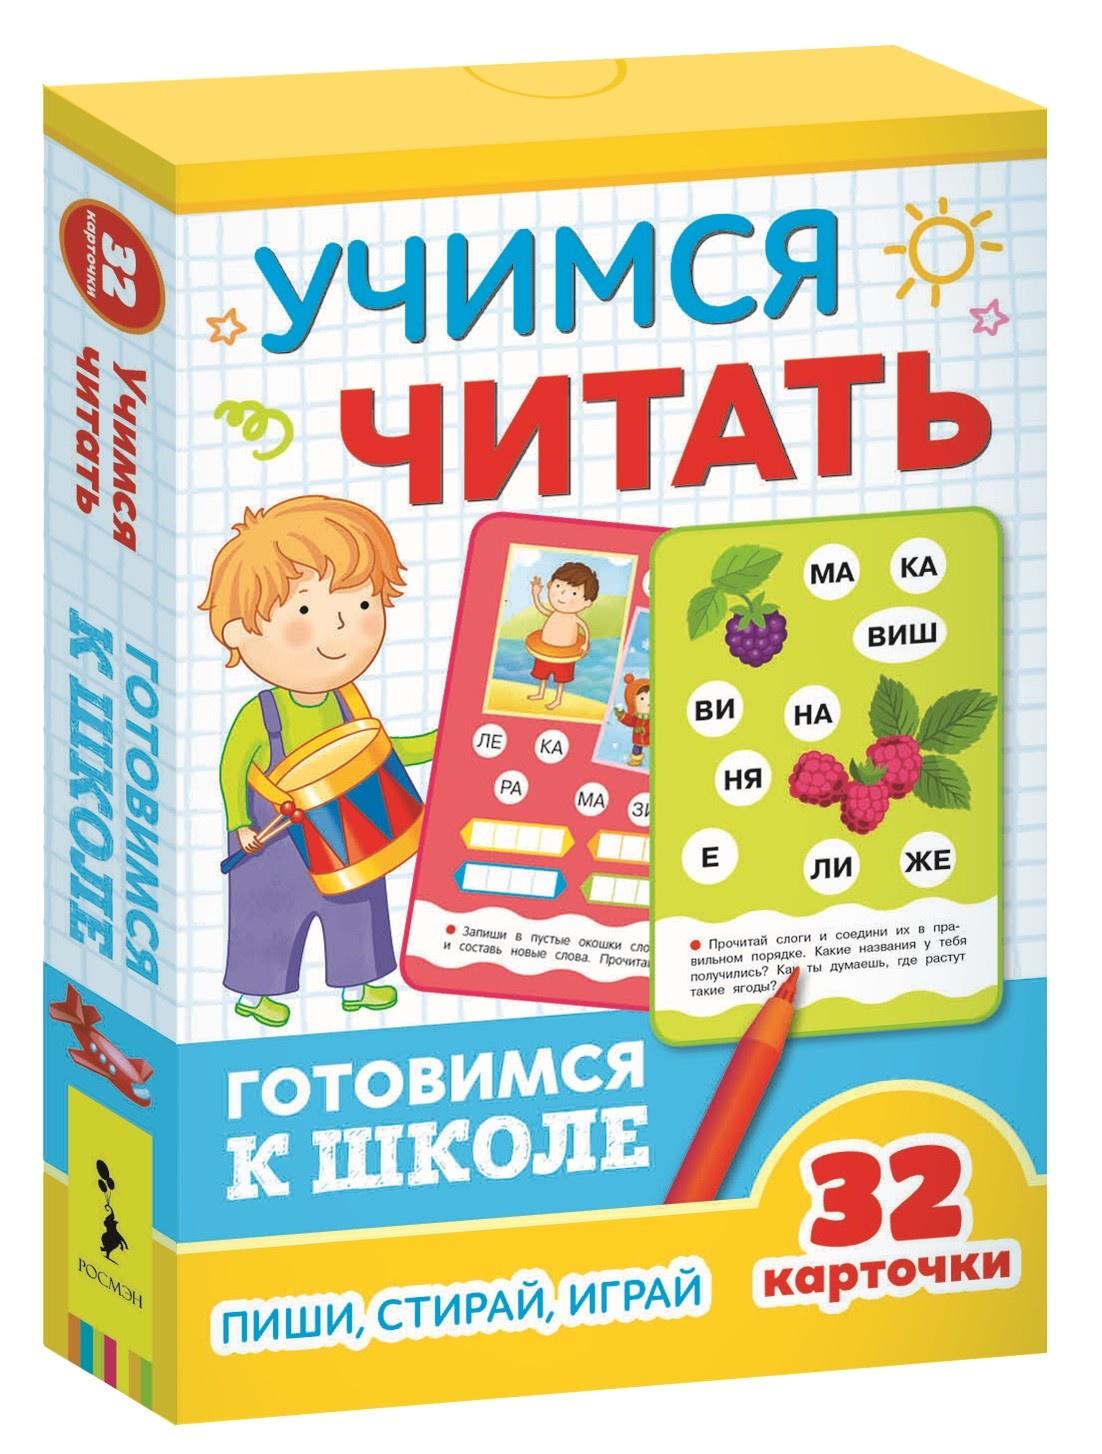 Евдокимова А. В. Учимся читать (Развивающие карточки. Готовимся к школе 5+) евдокимова а в развиваем логику внимание память развивающие карточки готовимся к школе 5